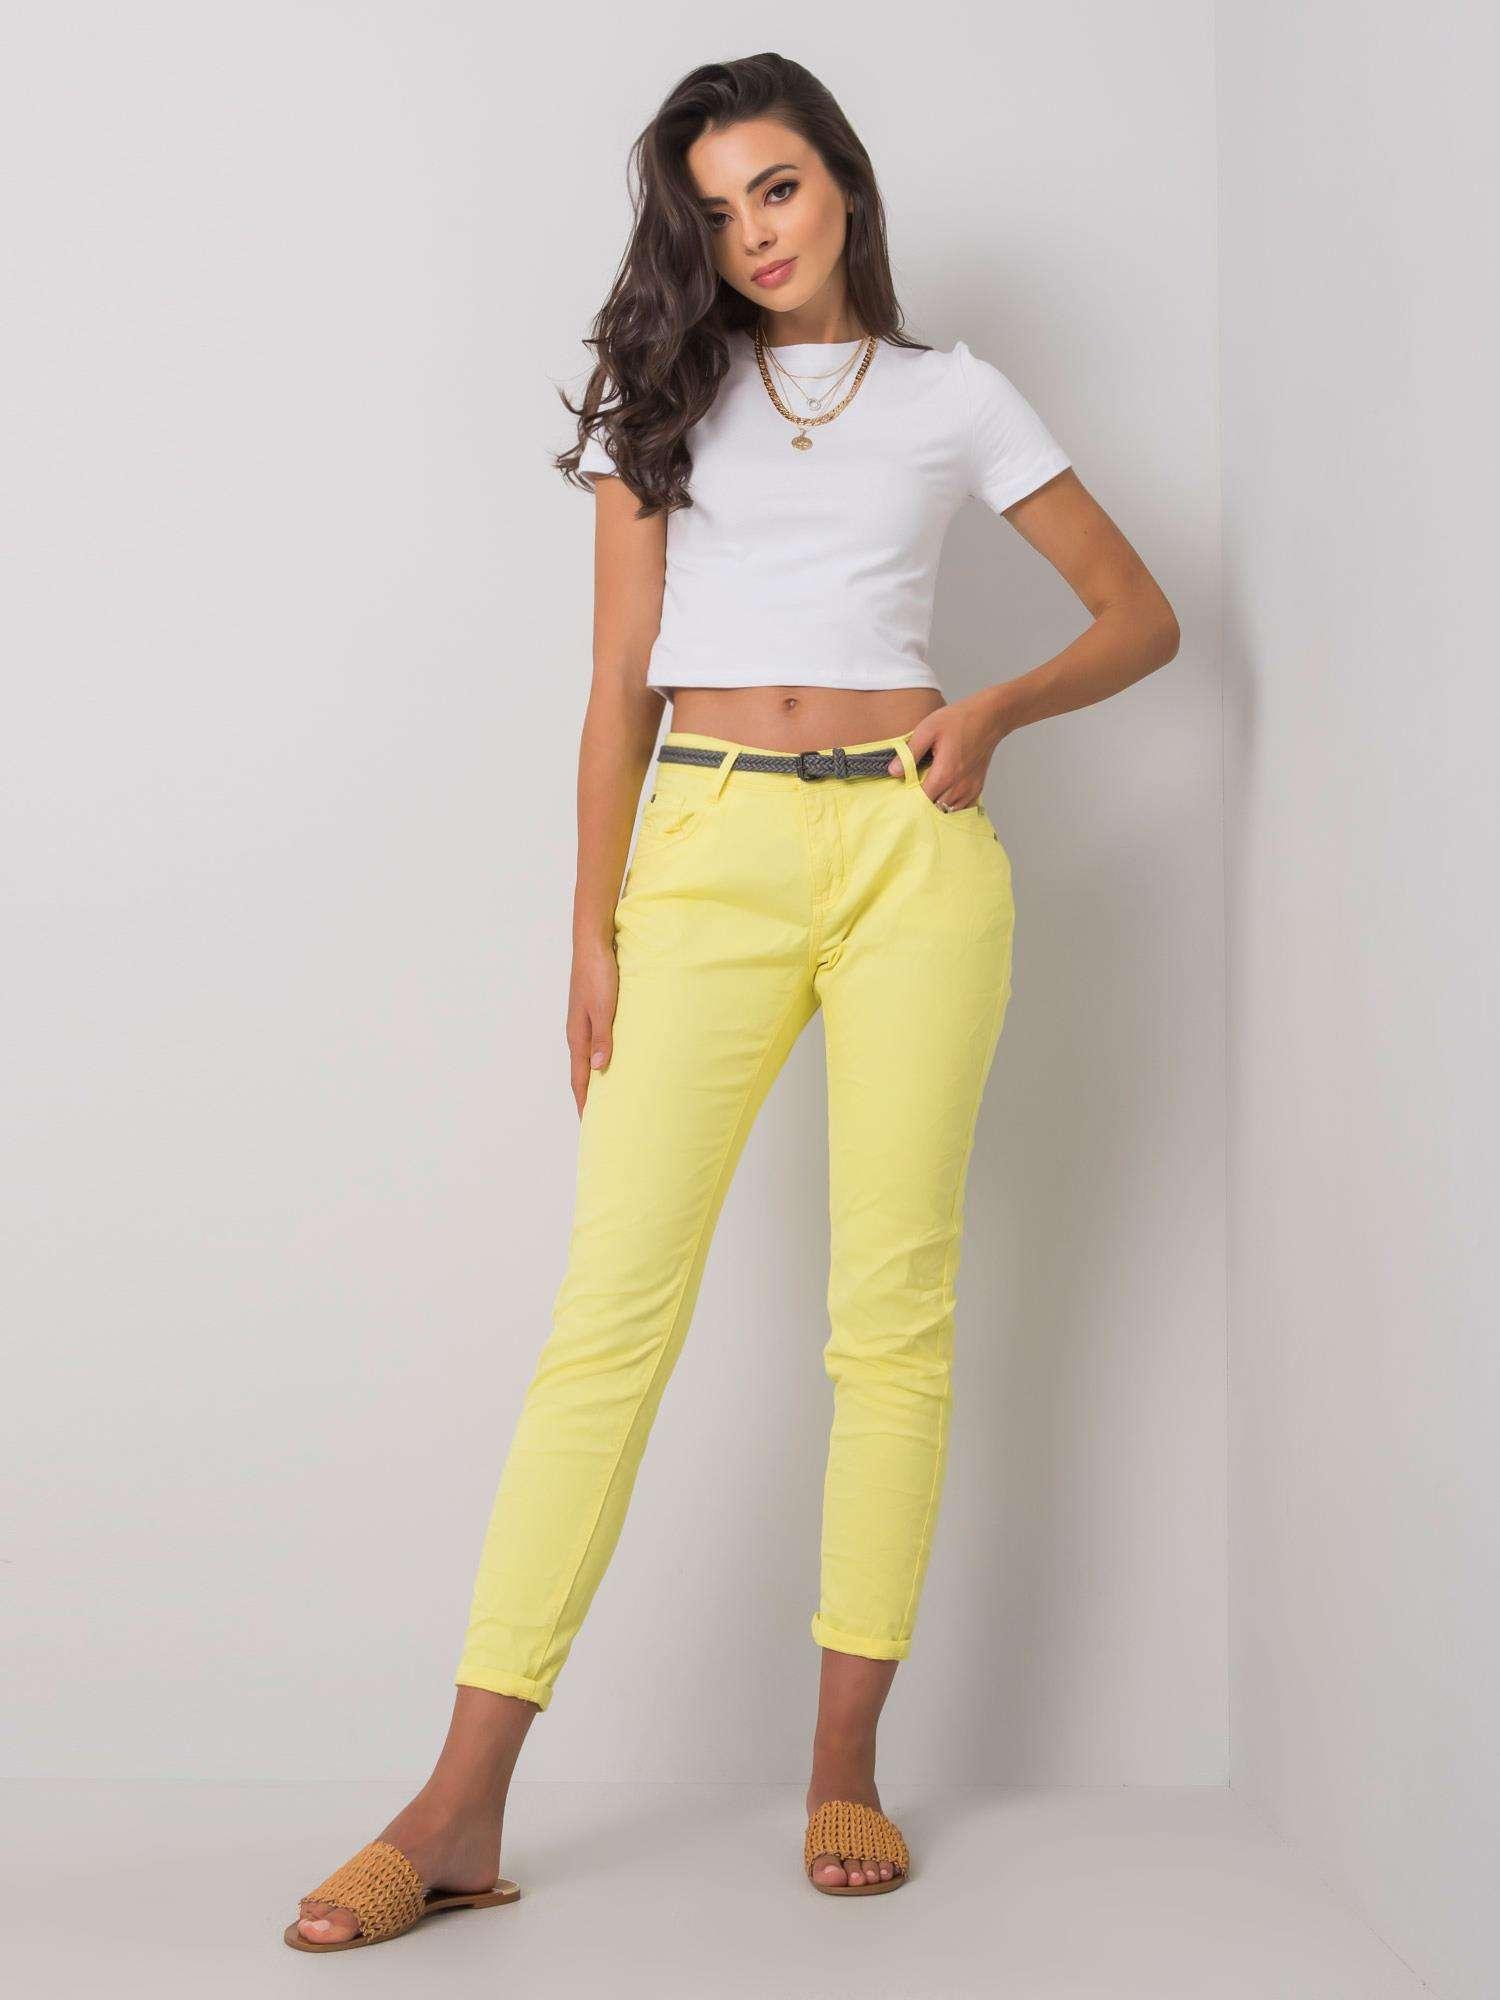 Bavlnené žlté 7/8 nohavice s opaskom - L